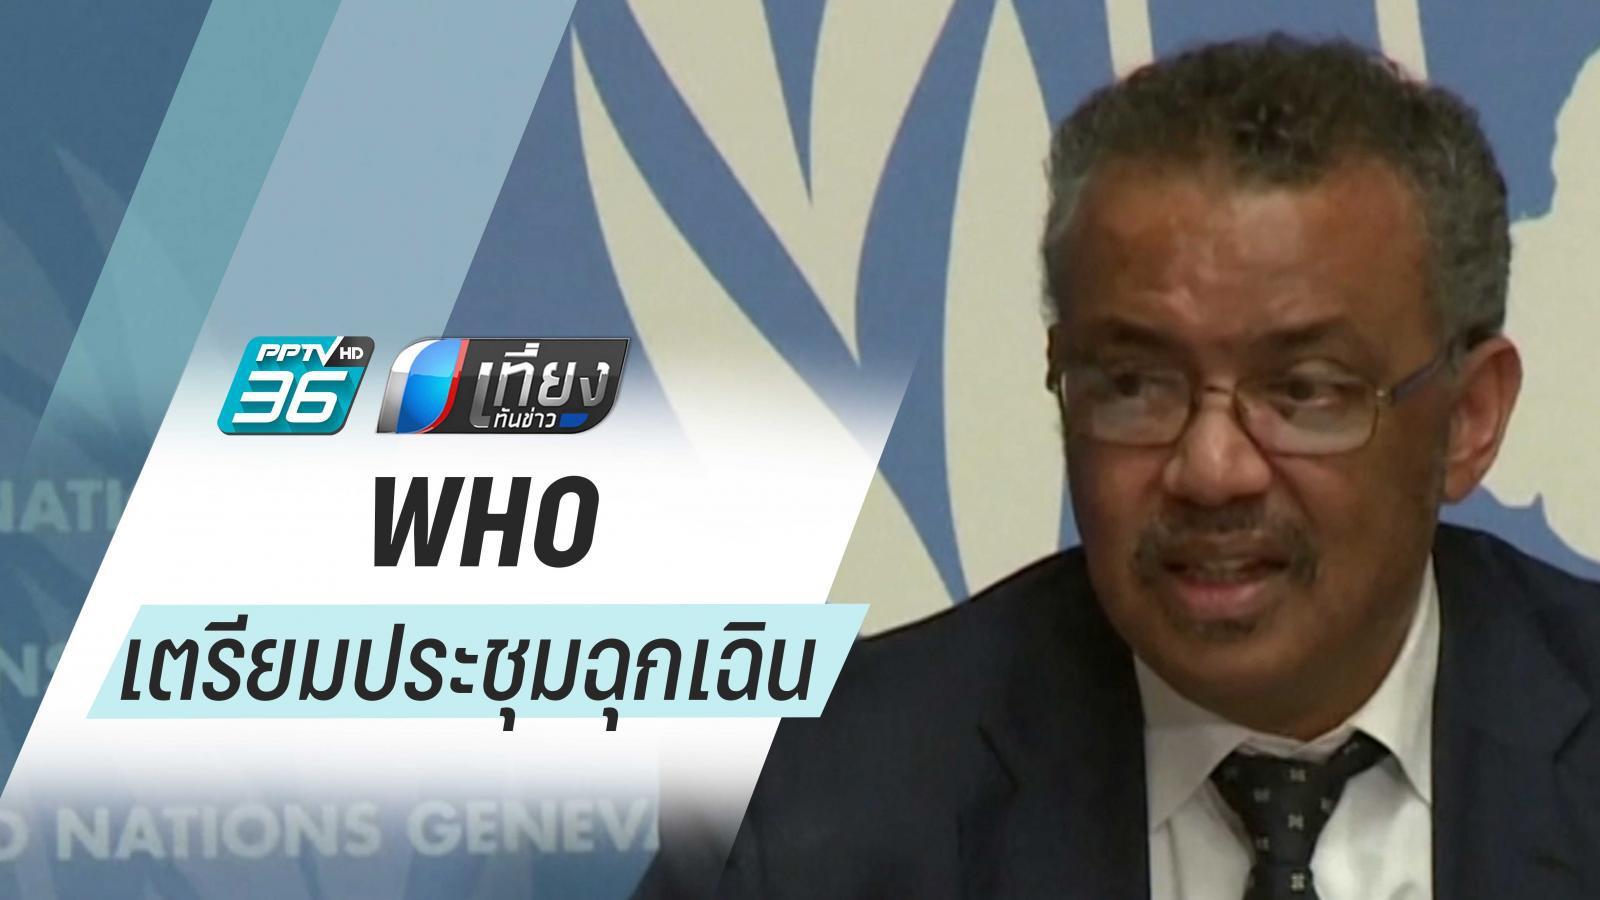 ไวรัสโคโรนา: WHO เตรียมถกฉุกเฉิน ห่วง ไวรัสอู่ฮั่น ติดจากคนสู่คนนอกจีน